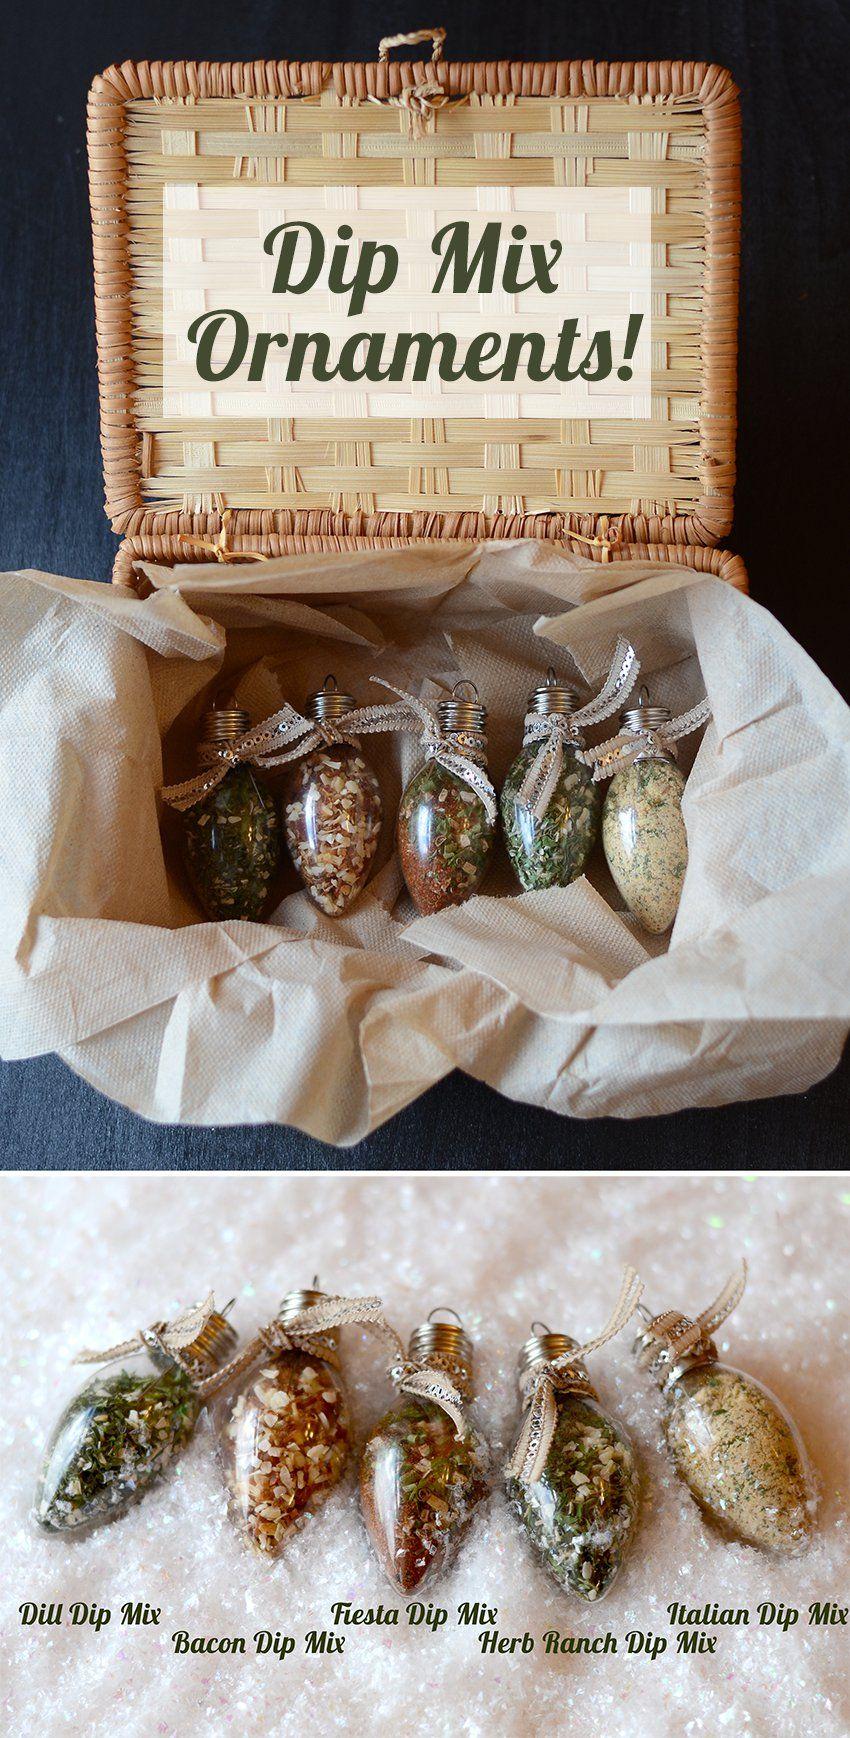 Dip Mix Recipes for Ornaments | Recipe | Food! | Pinterest ...